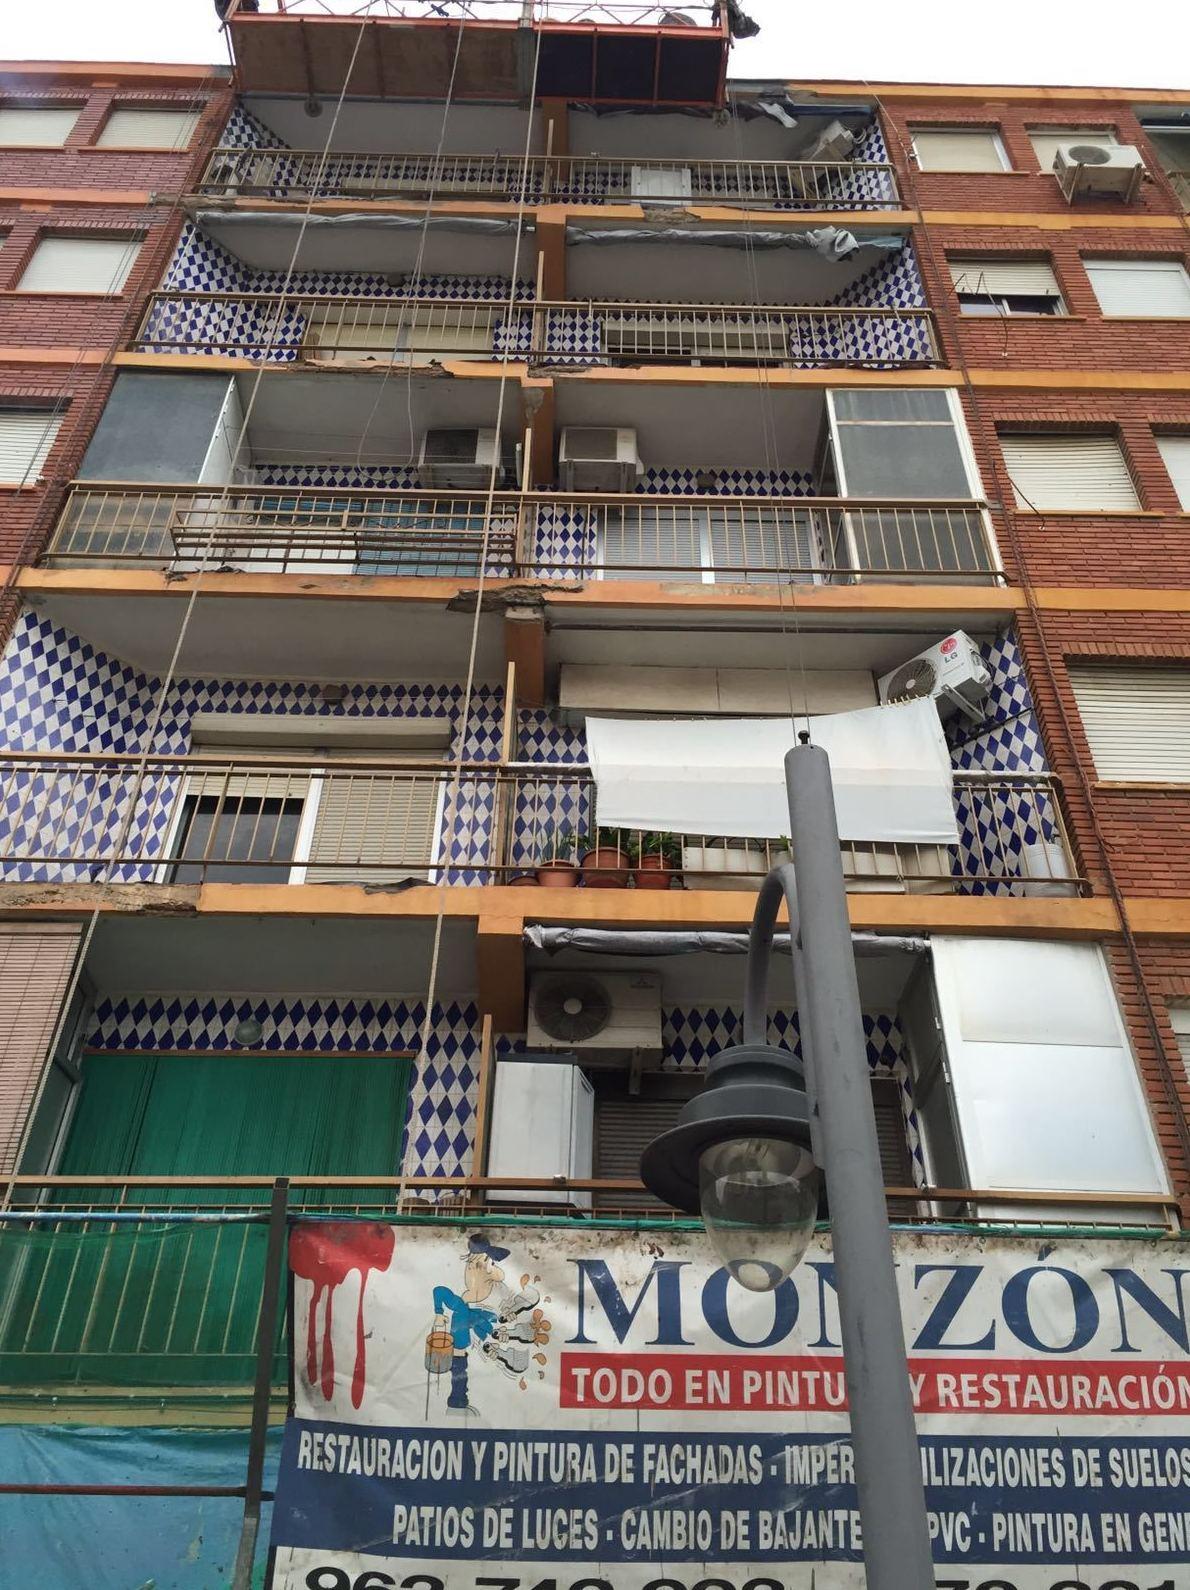 Restauración y pintura de fachadas